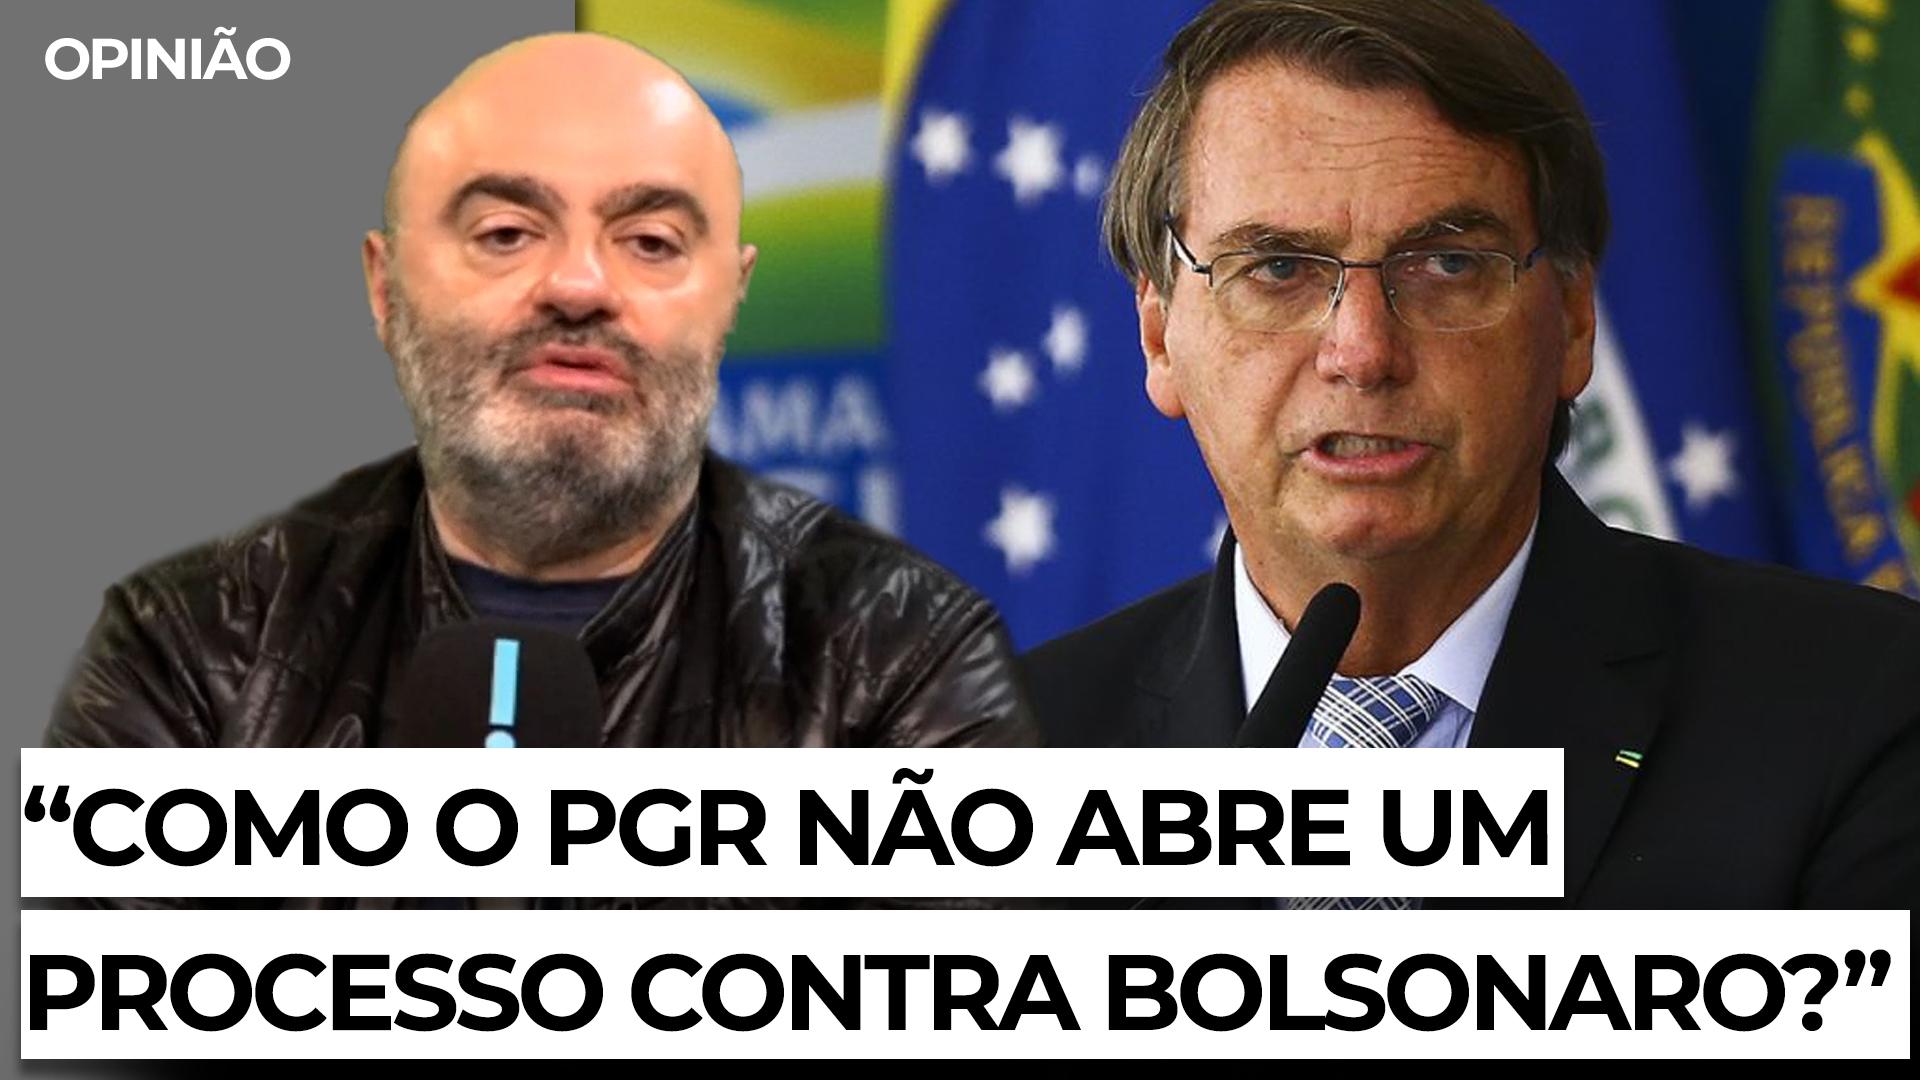 IMAGEM: Mario Sabino: 'Eu estou a me perguntar como o PGR não abre um processo contra Bolsonaro'